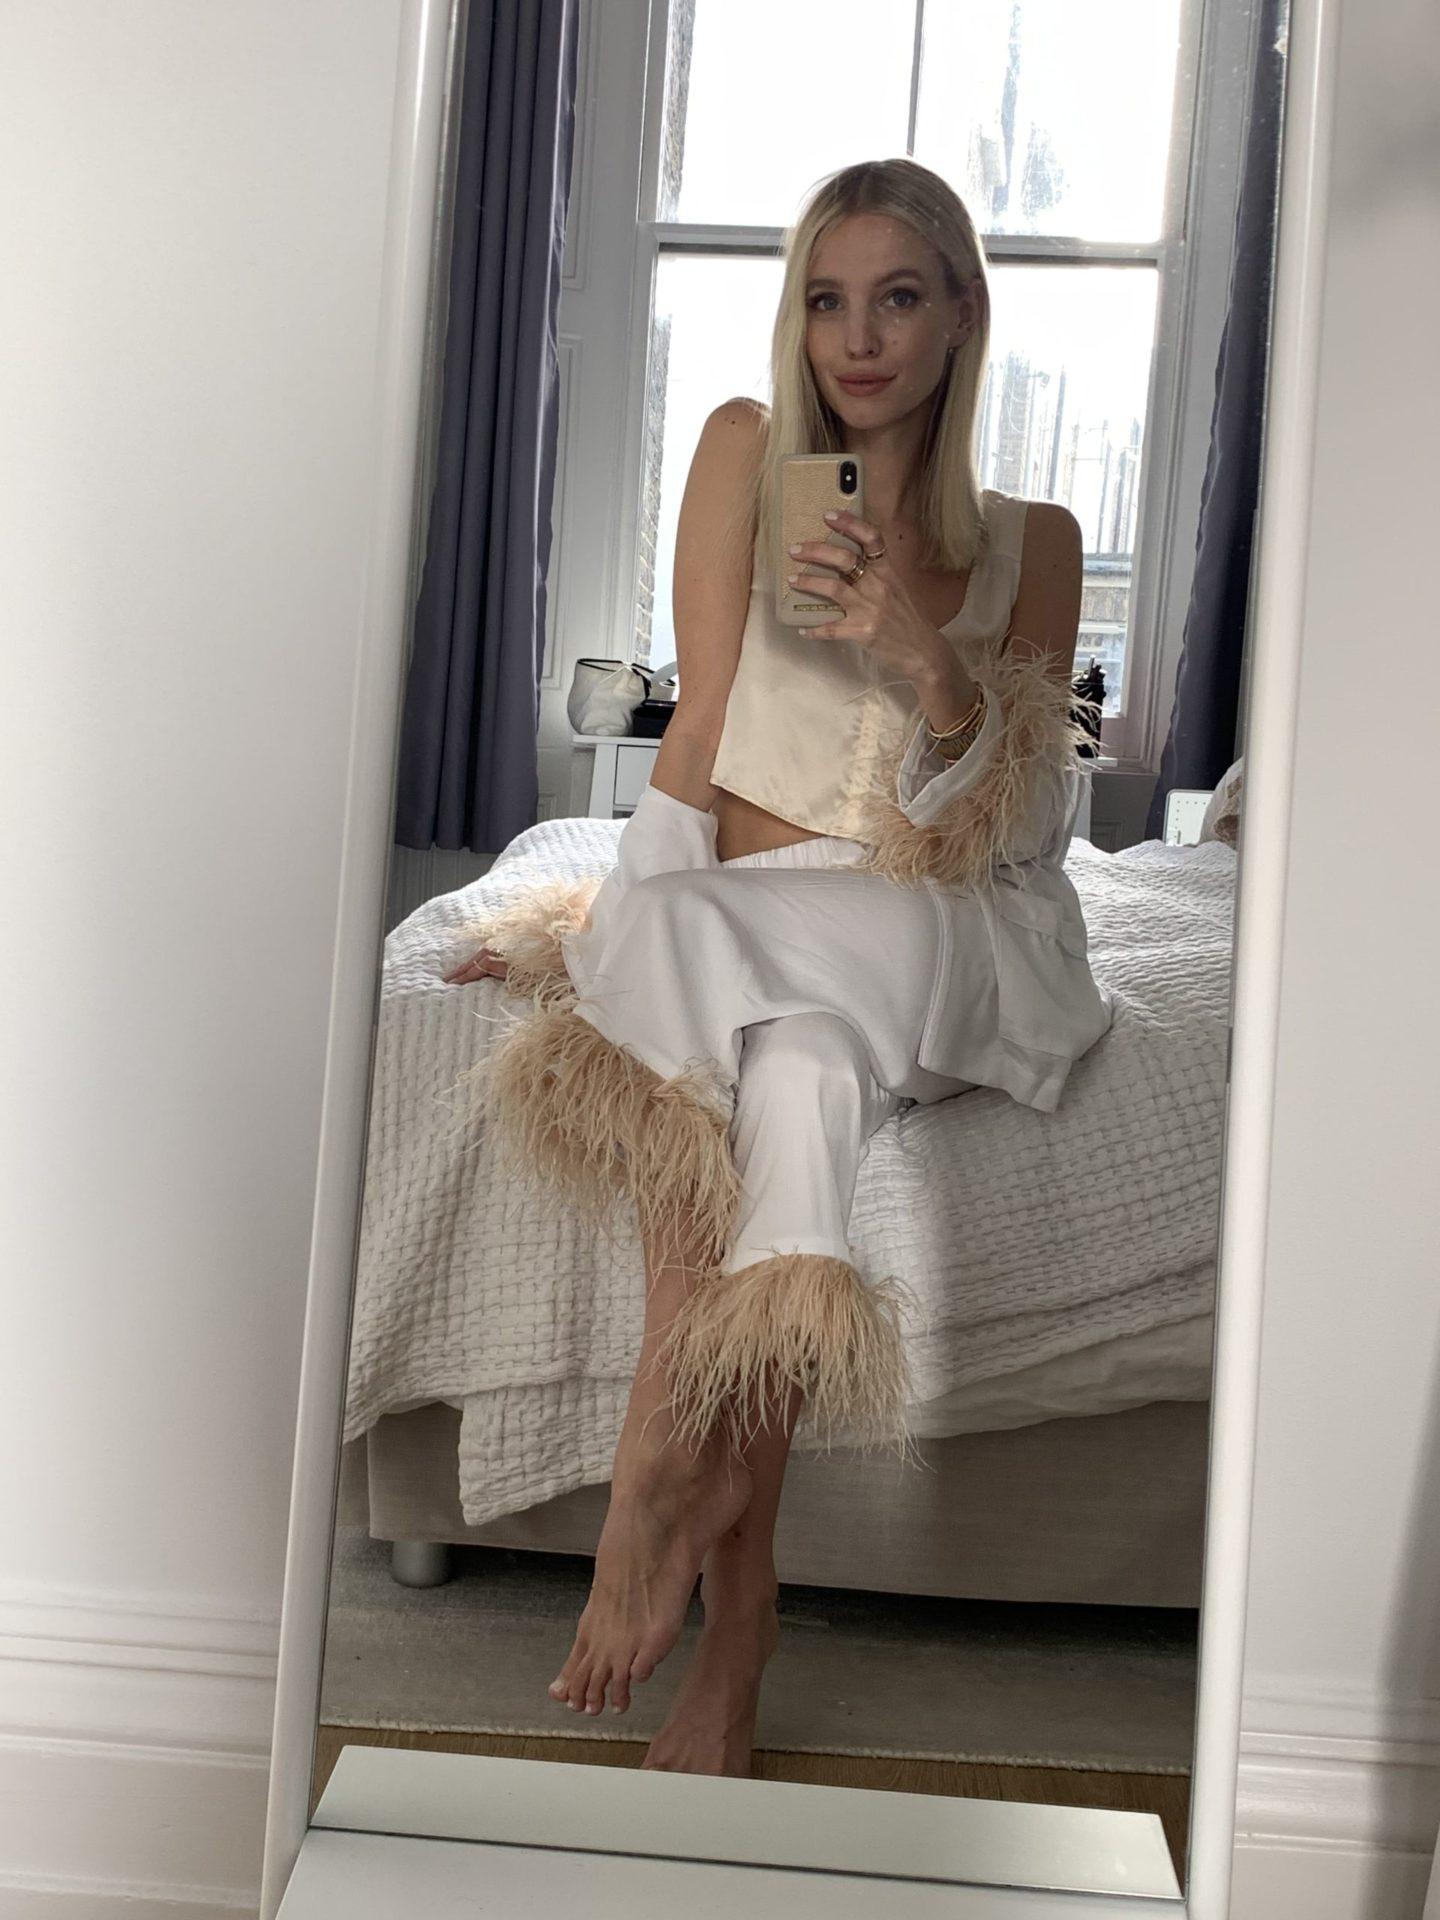 Leonie Hanne Feather pyjama outfit